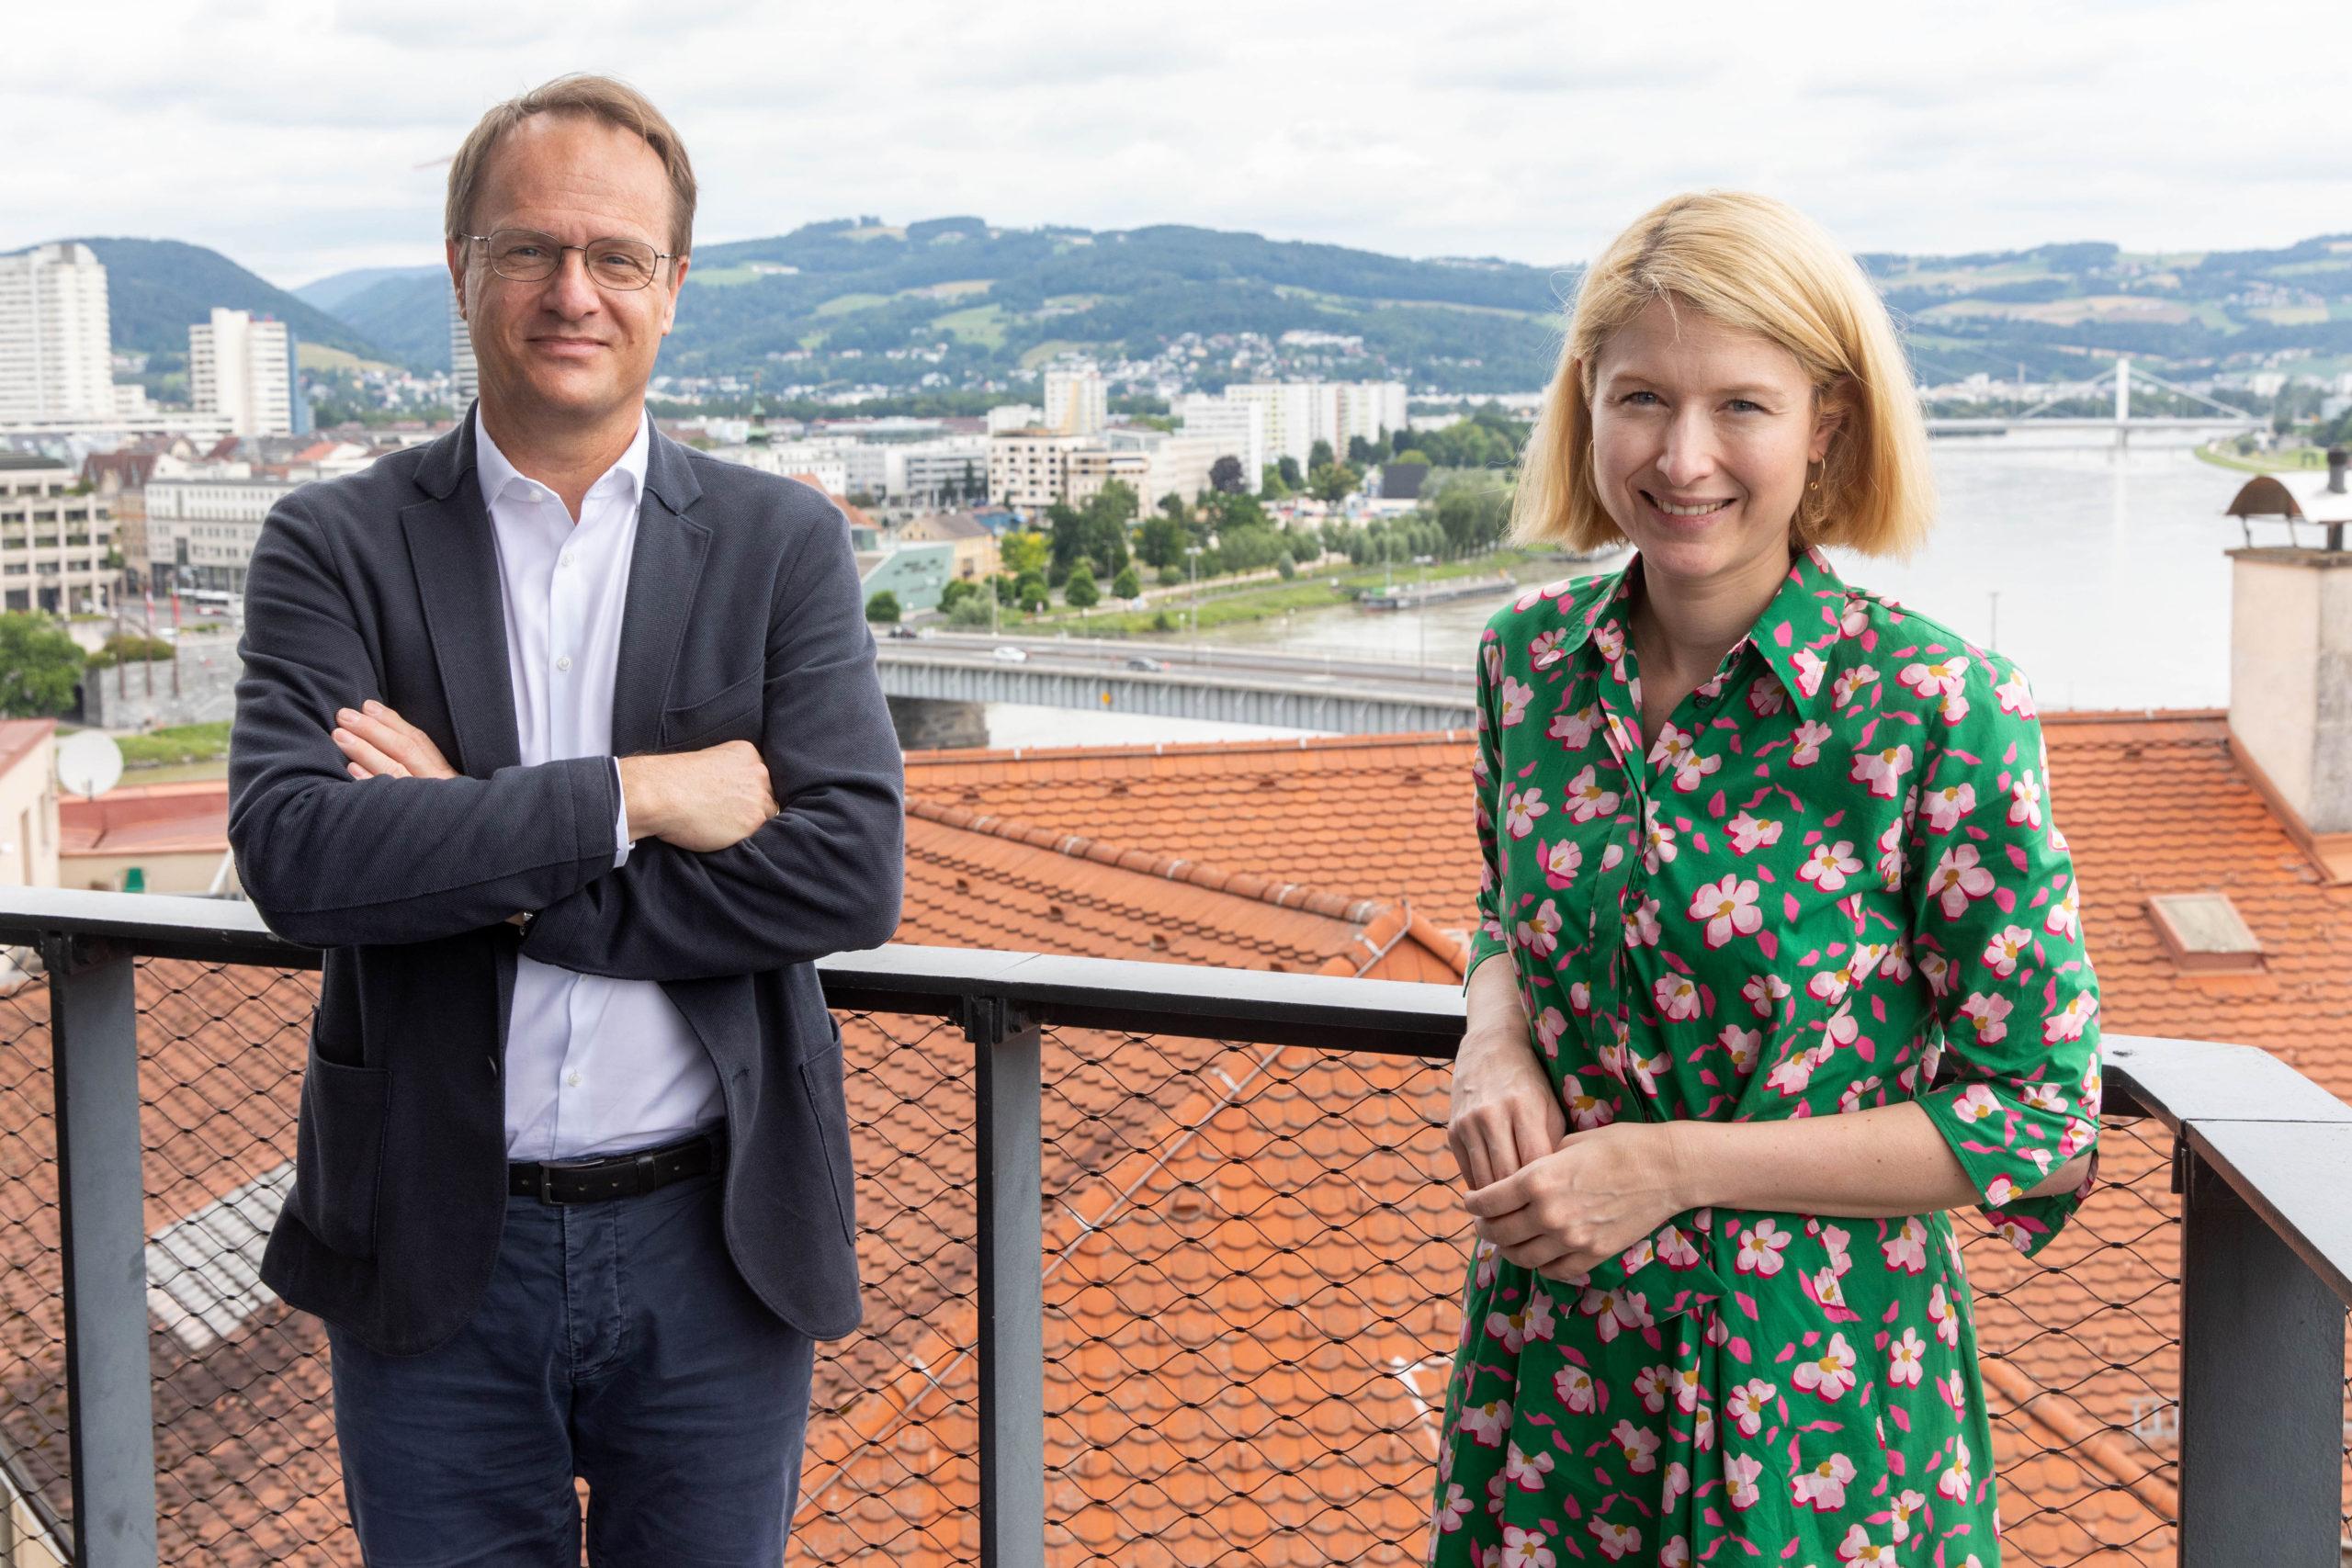 Foto 3: Markus Hengstschläger und Christine Haberlander